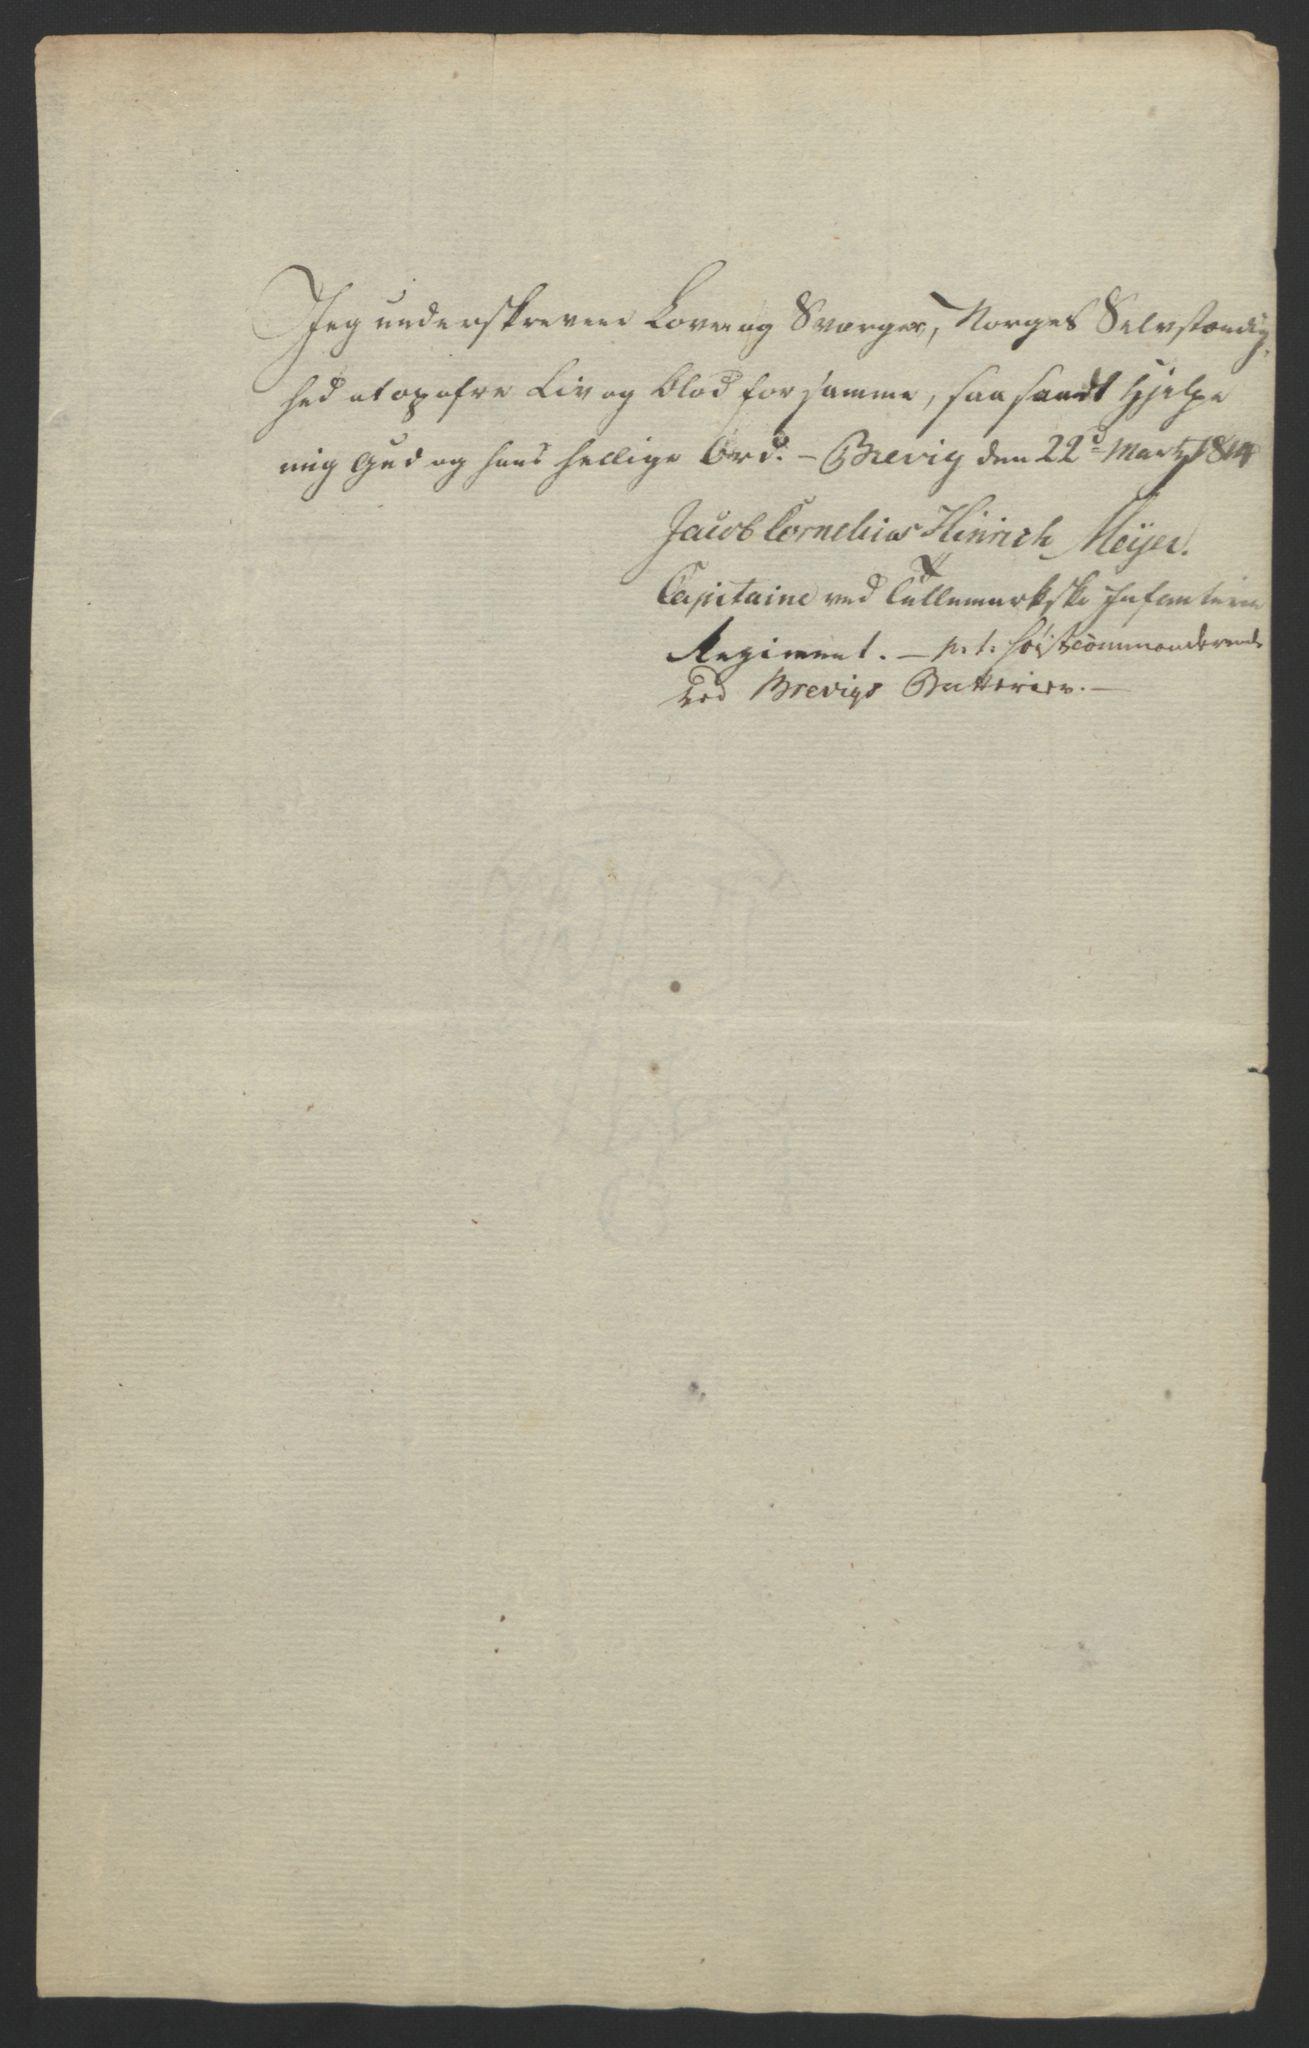 RA, Statsrådssekretariatet, D/Db/L0007: Fullmakter for Eidsvollsrepresentantene i 1814. , 1814, s. 97